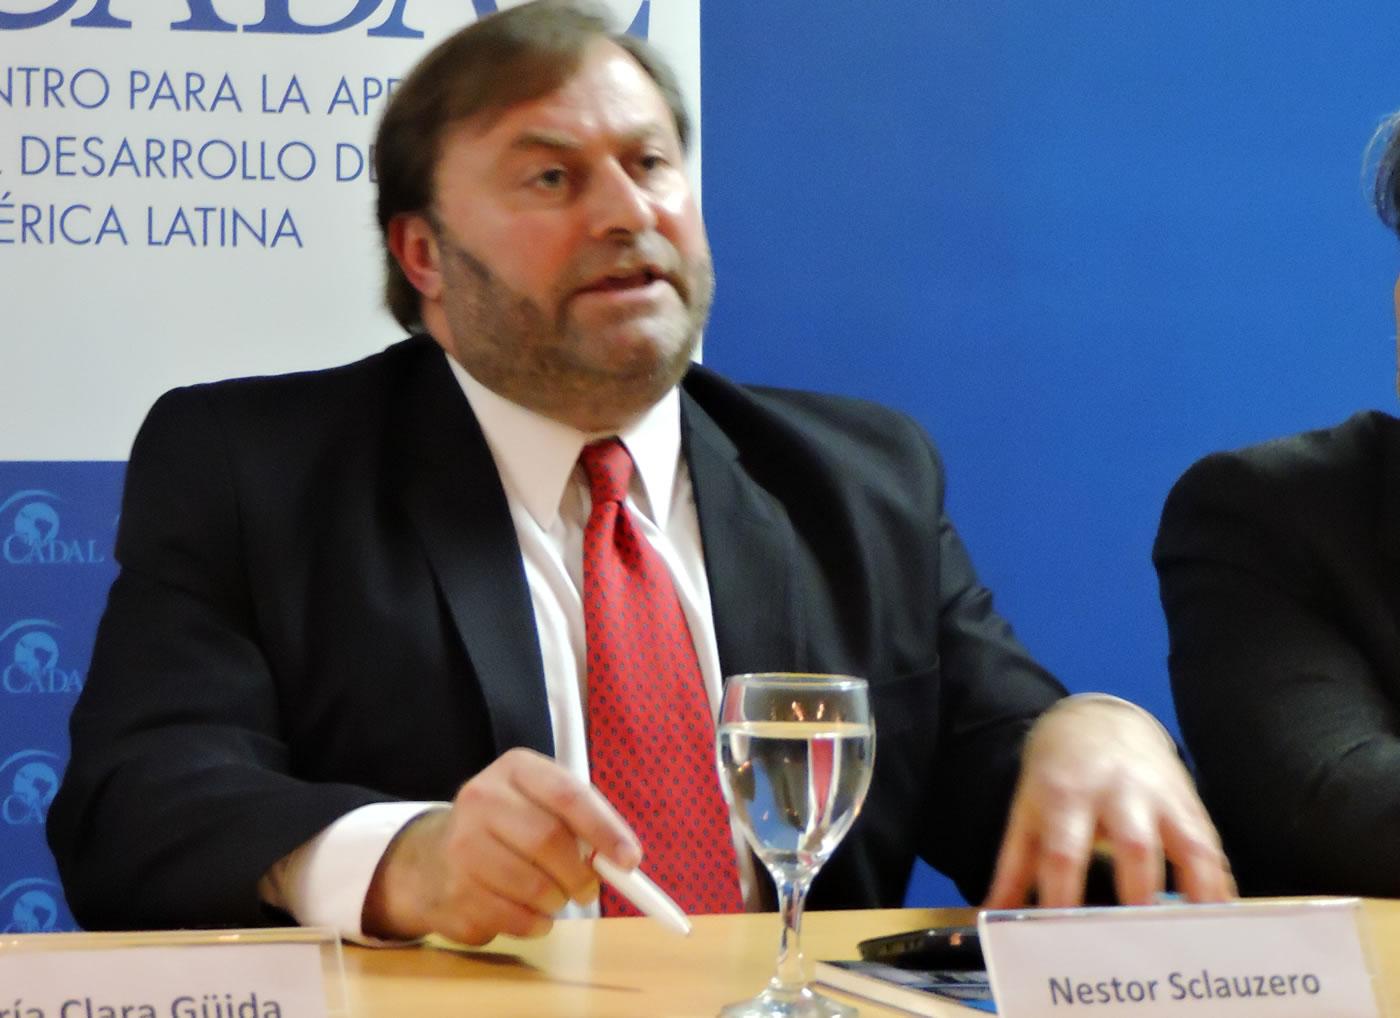 Acceso a la información y medios públicos en la Argentina